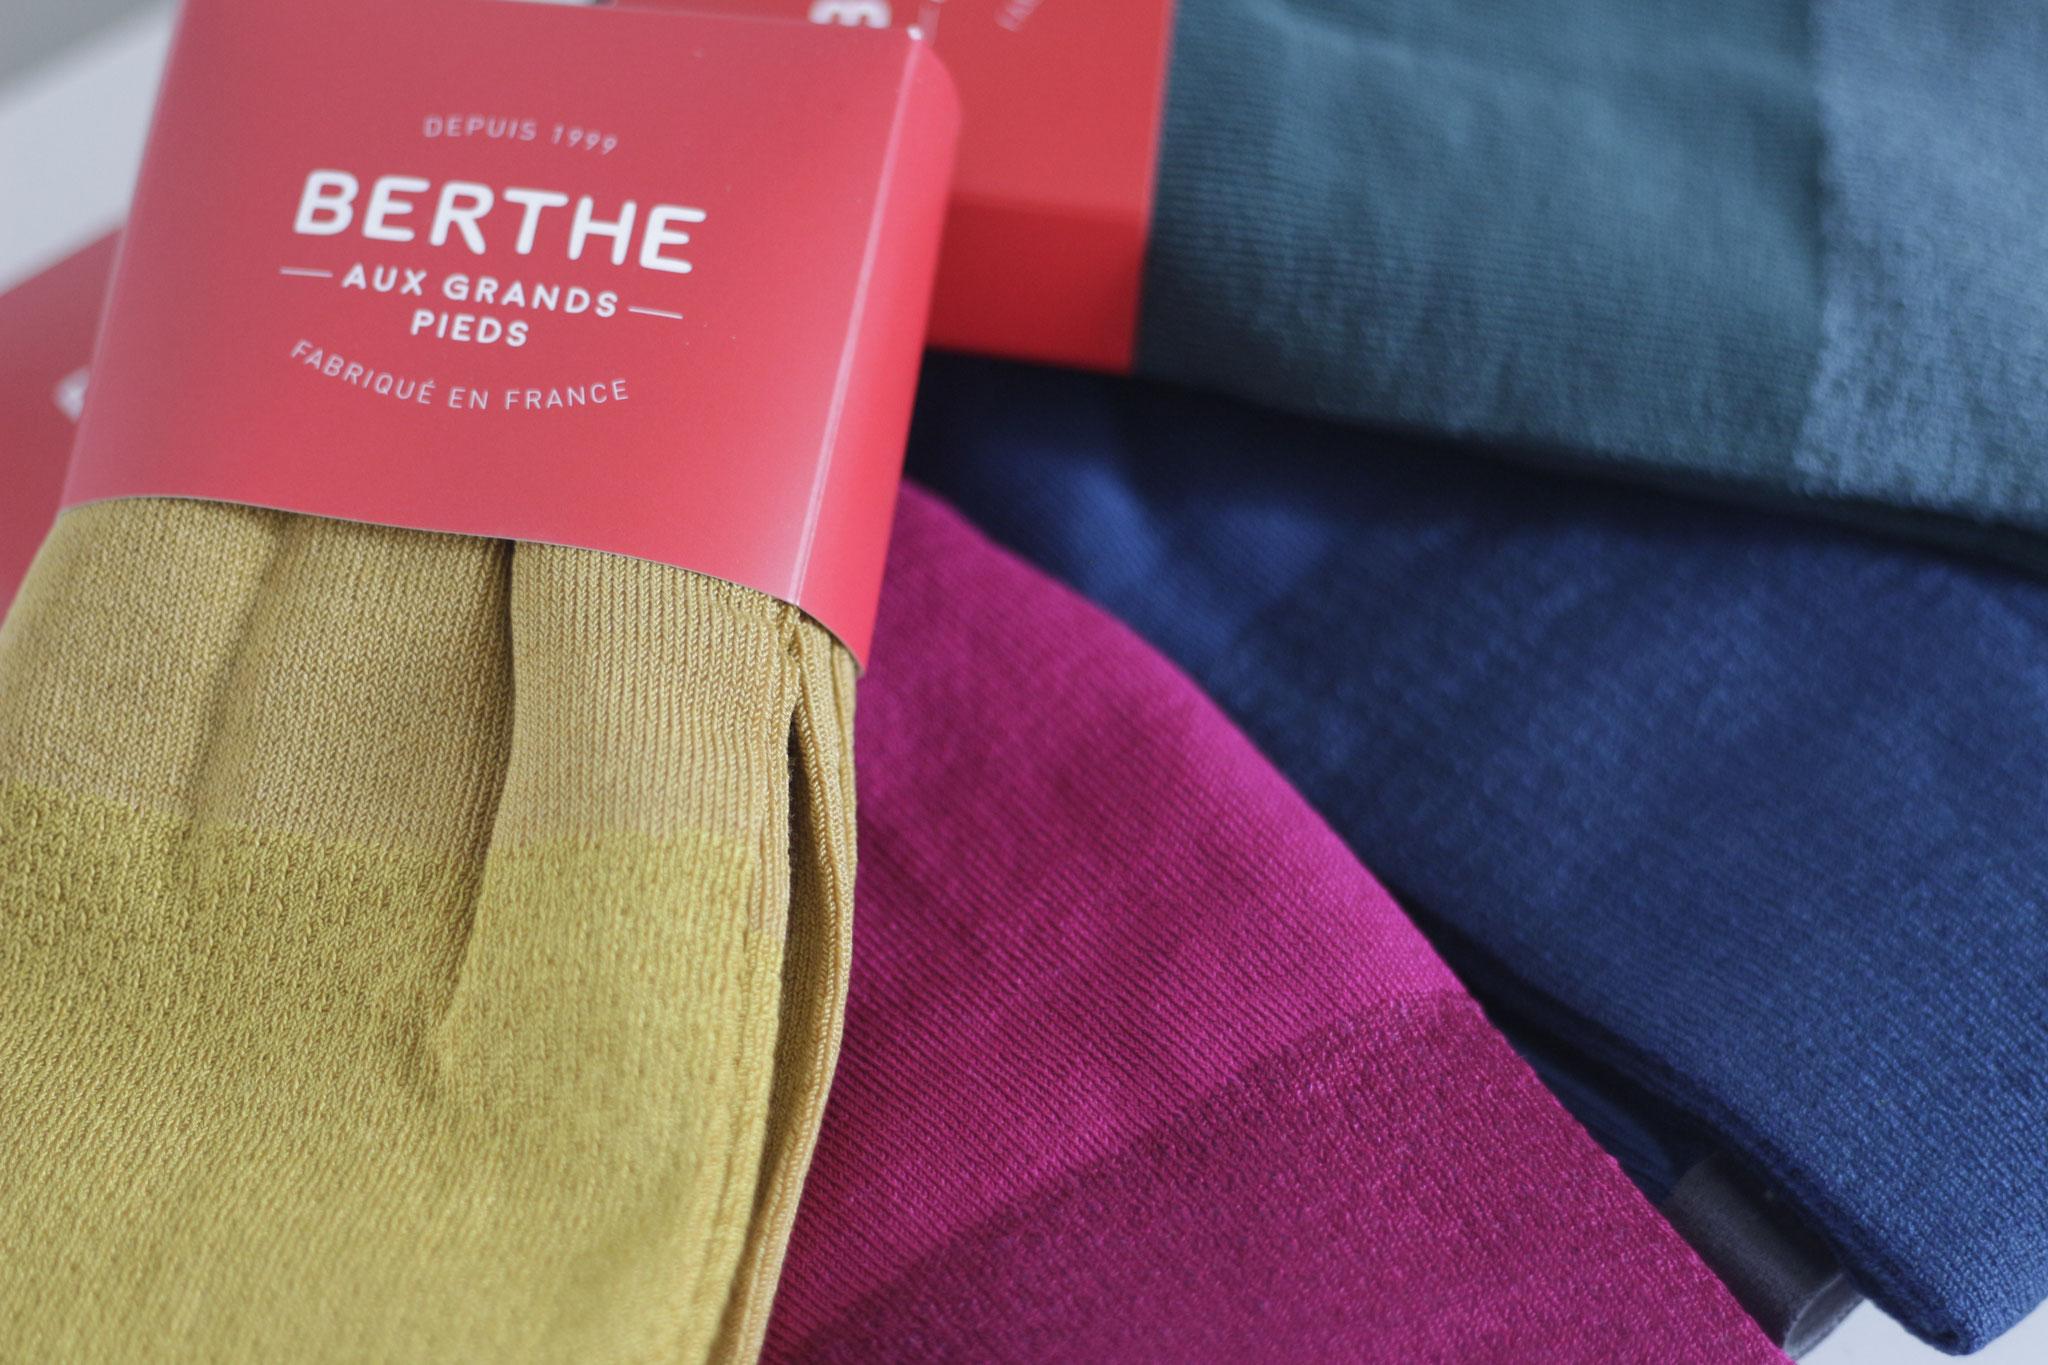 gestrickte Strumpfhosen in Seiden/Baumwollqualität in diversen Farben (CHF 79.-)